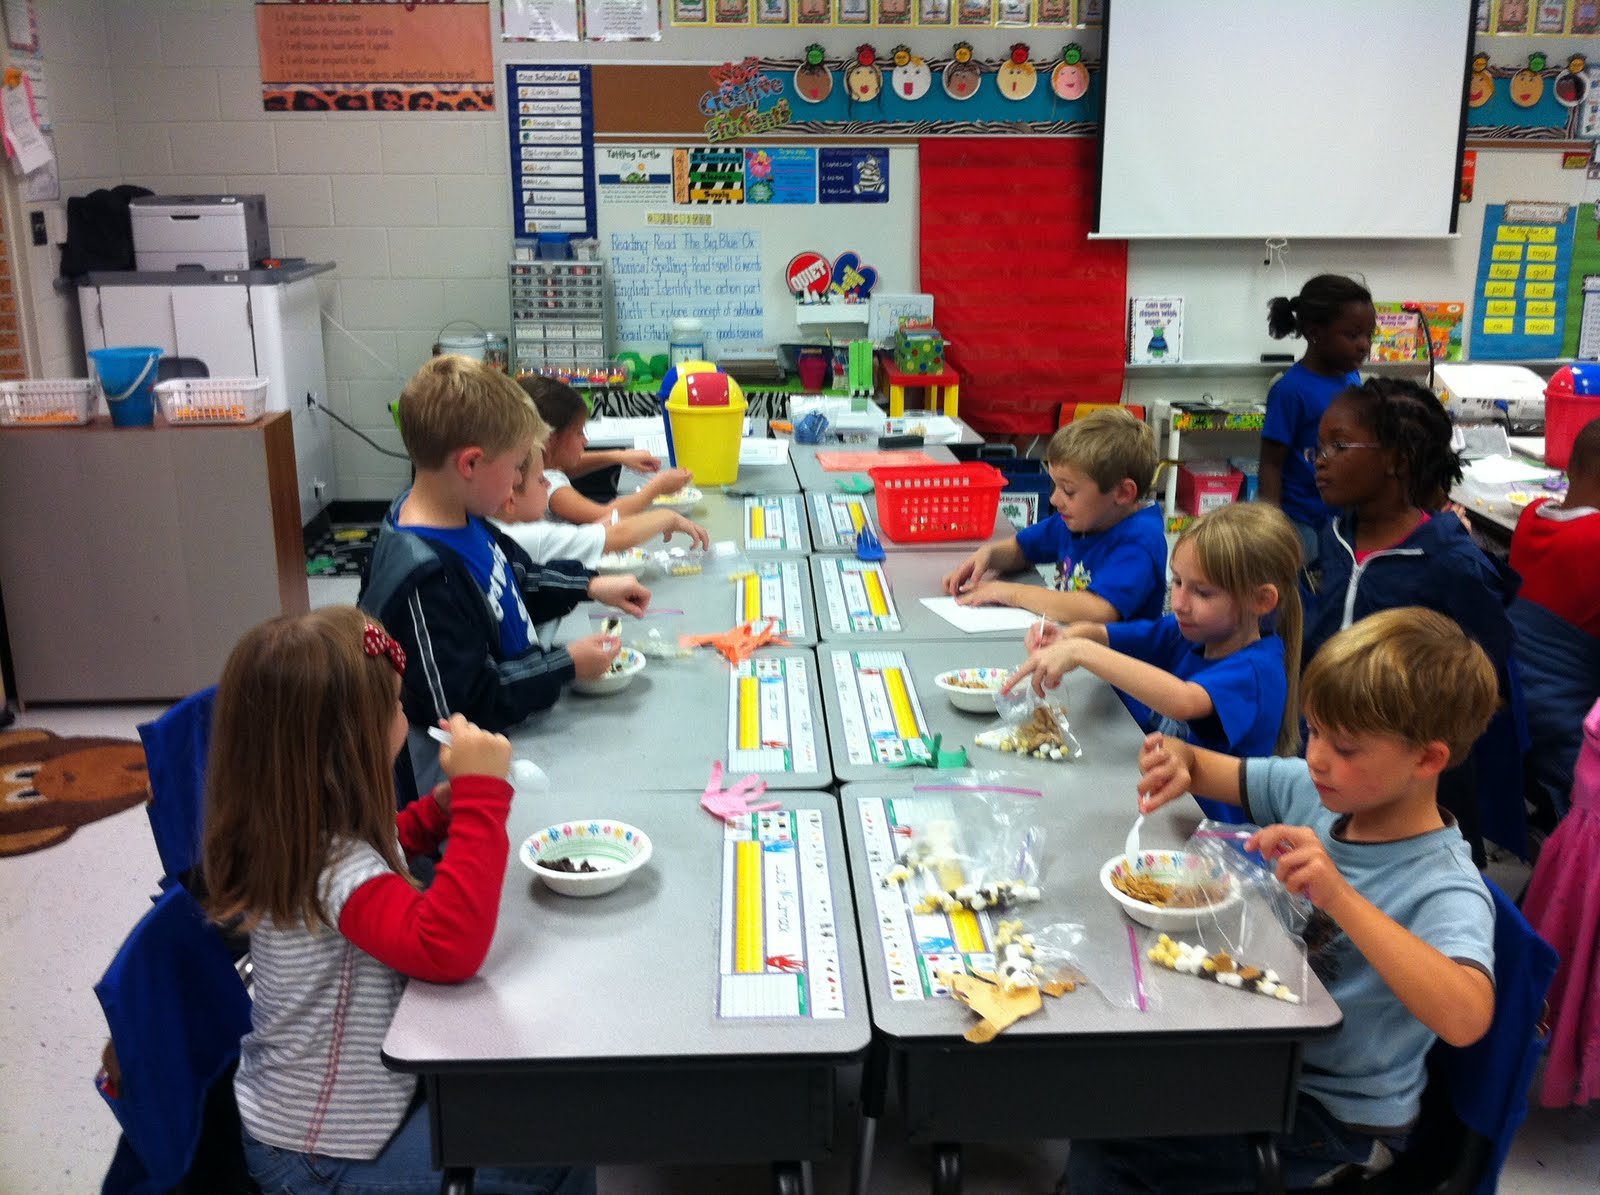 Classroom scenarios